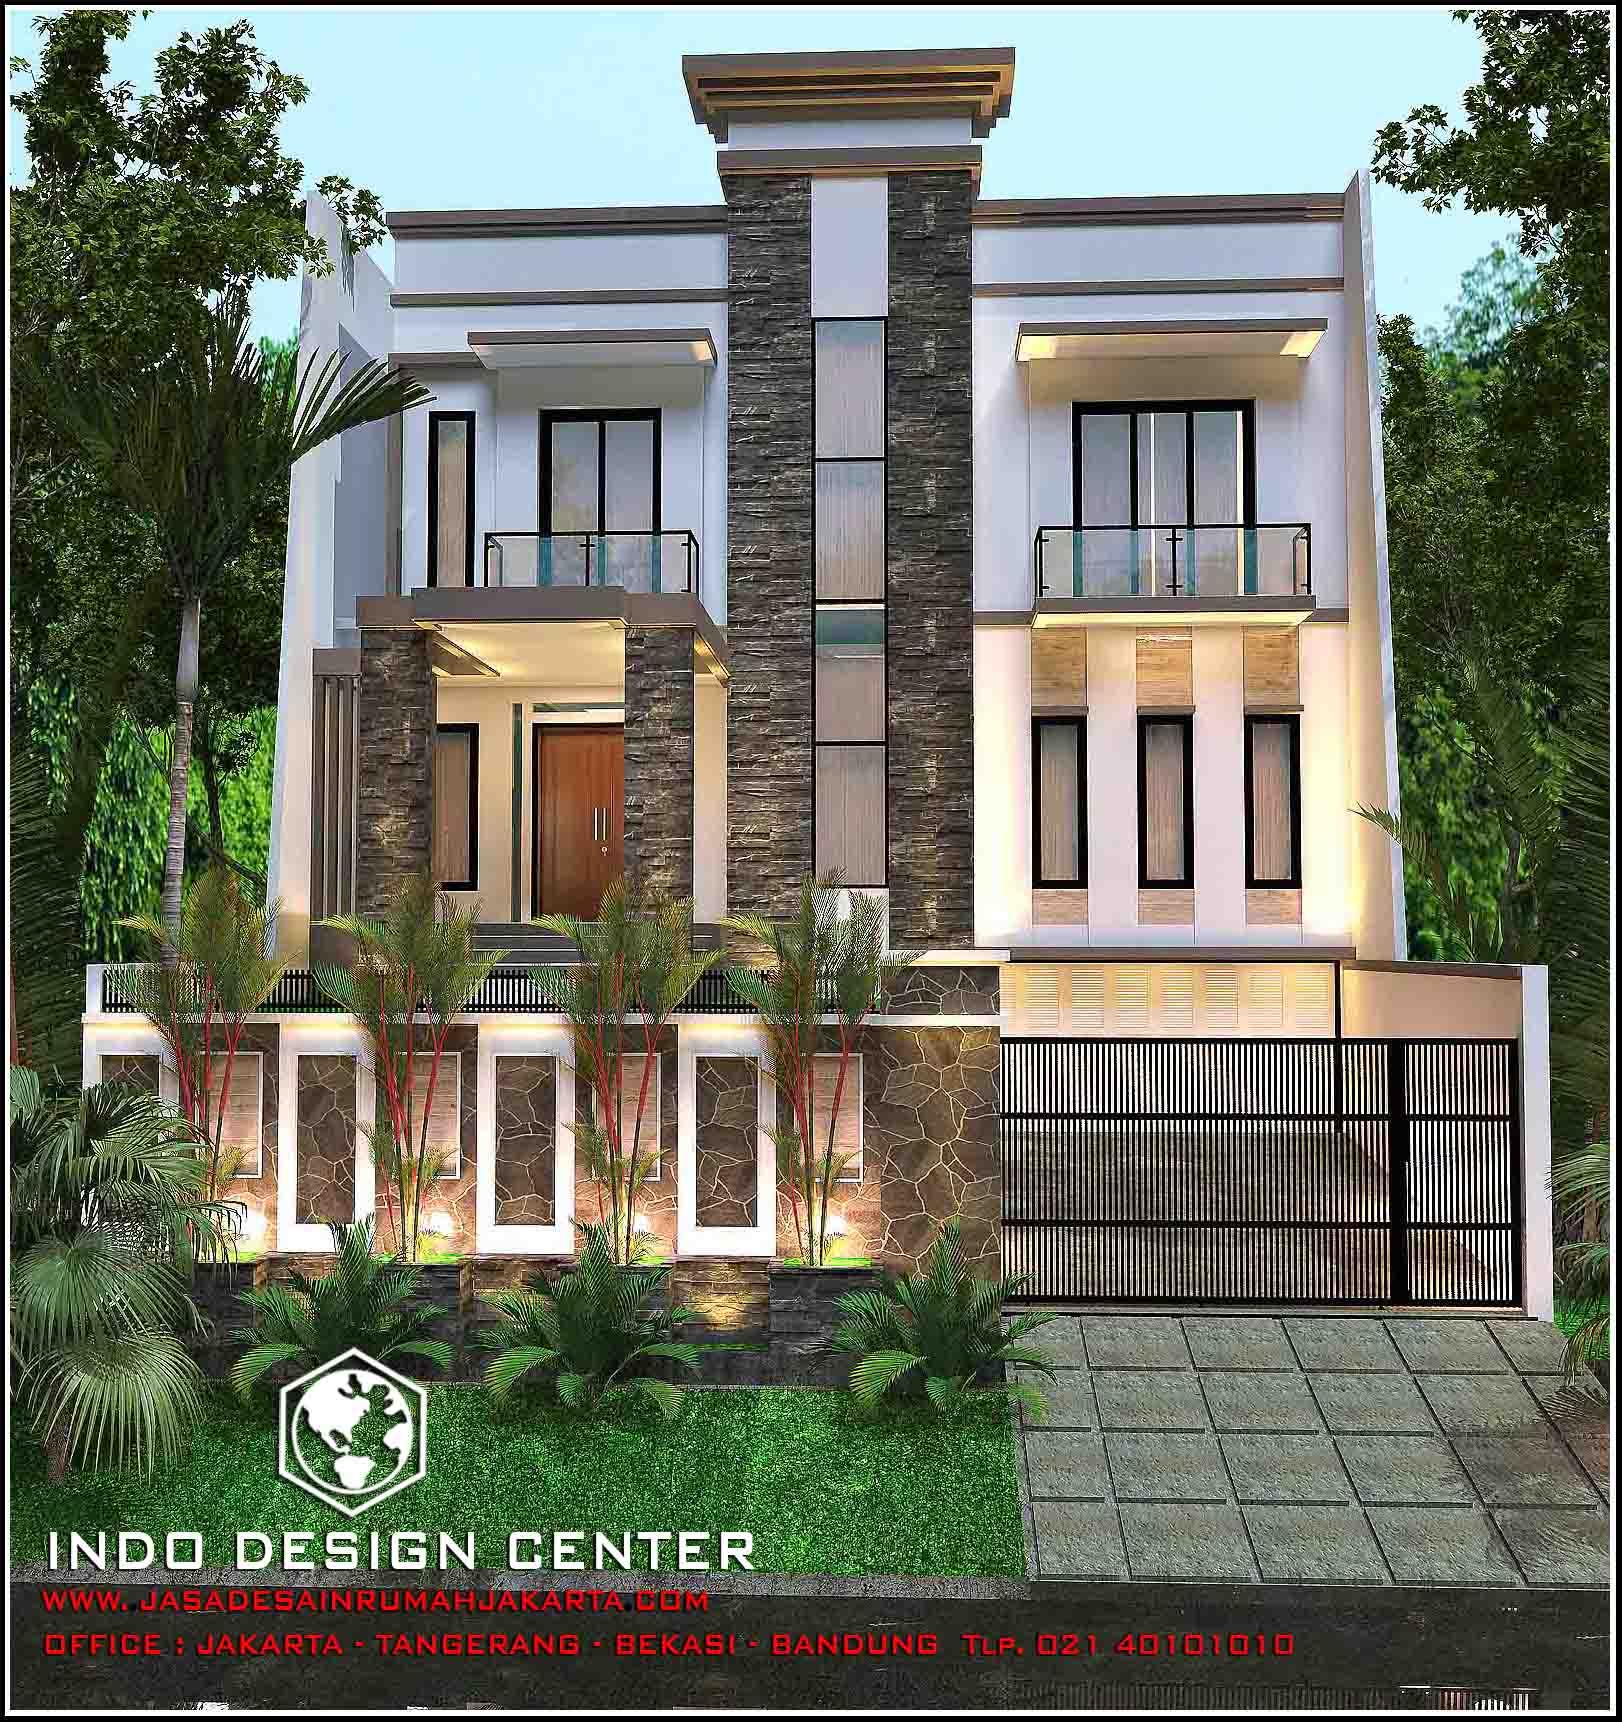 Rumah minimalis 2 lantai arsip jasa desain rumah jakarta for Arsitek di jakarta